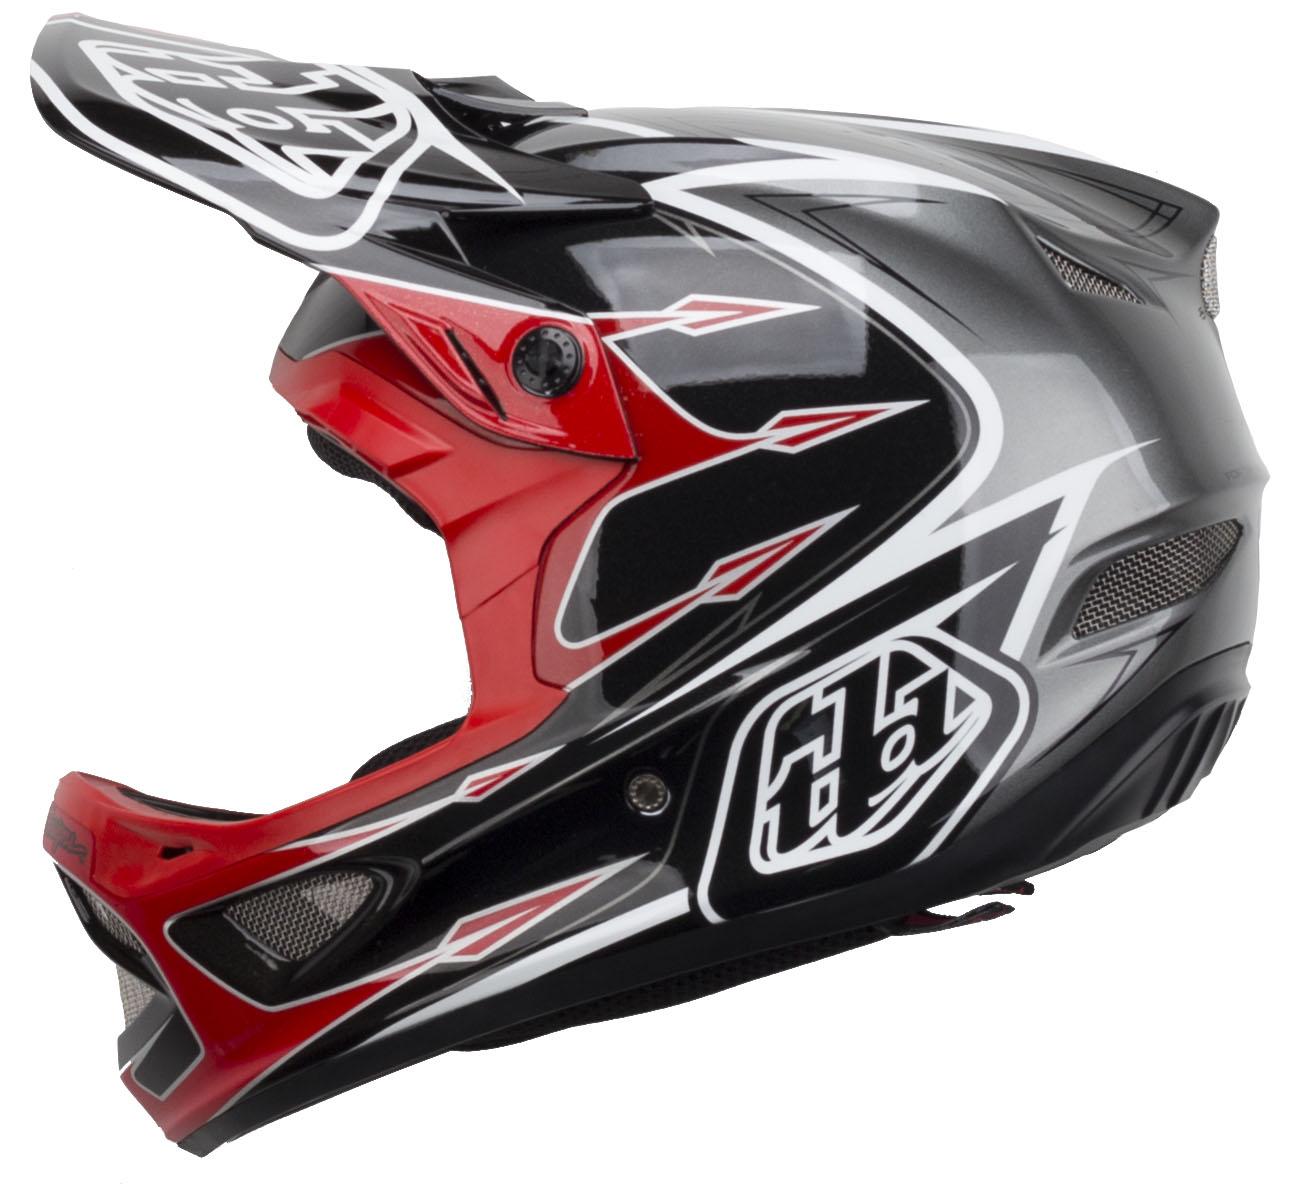 Troy Lee Designs Helmet >> Troy Lee Designs D3 Composite Helmet